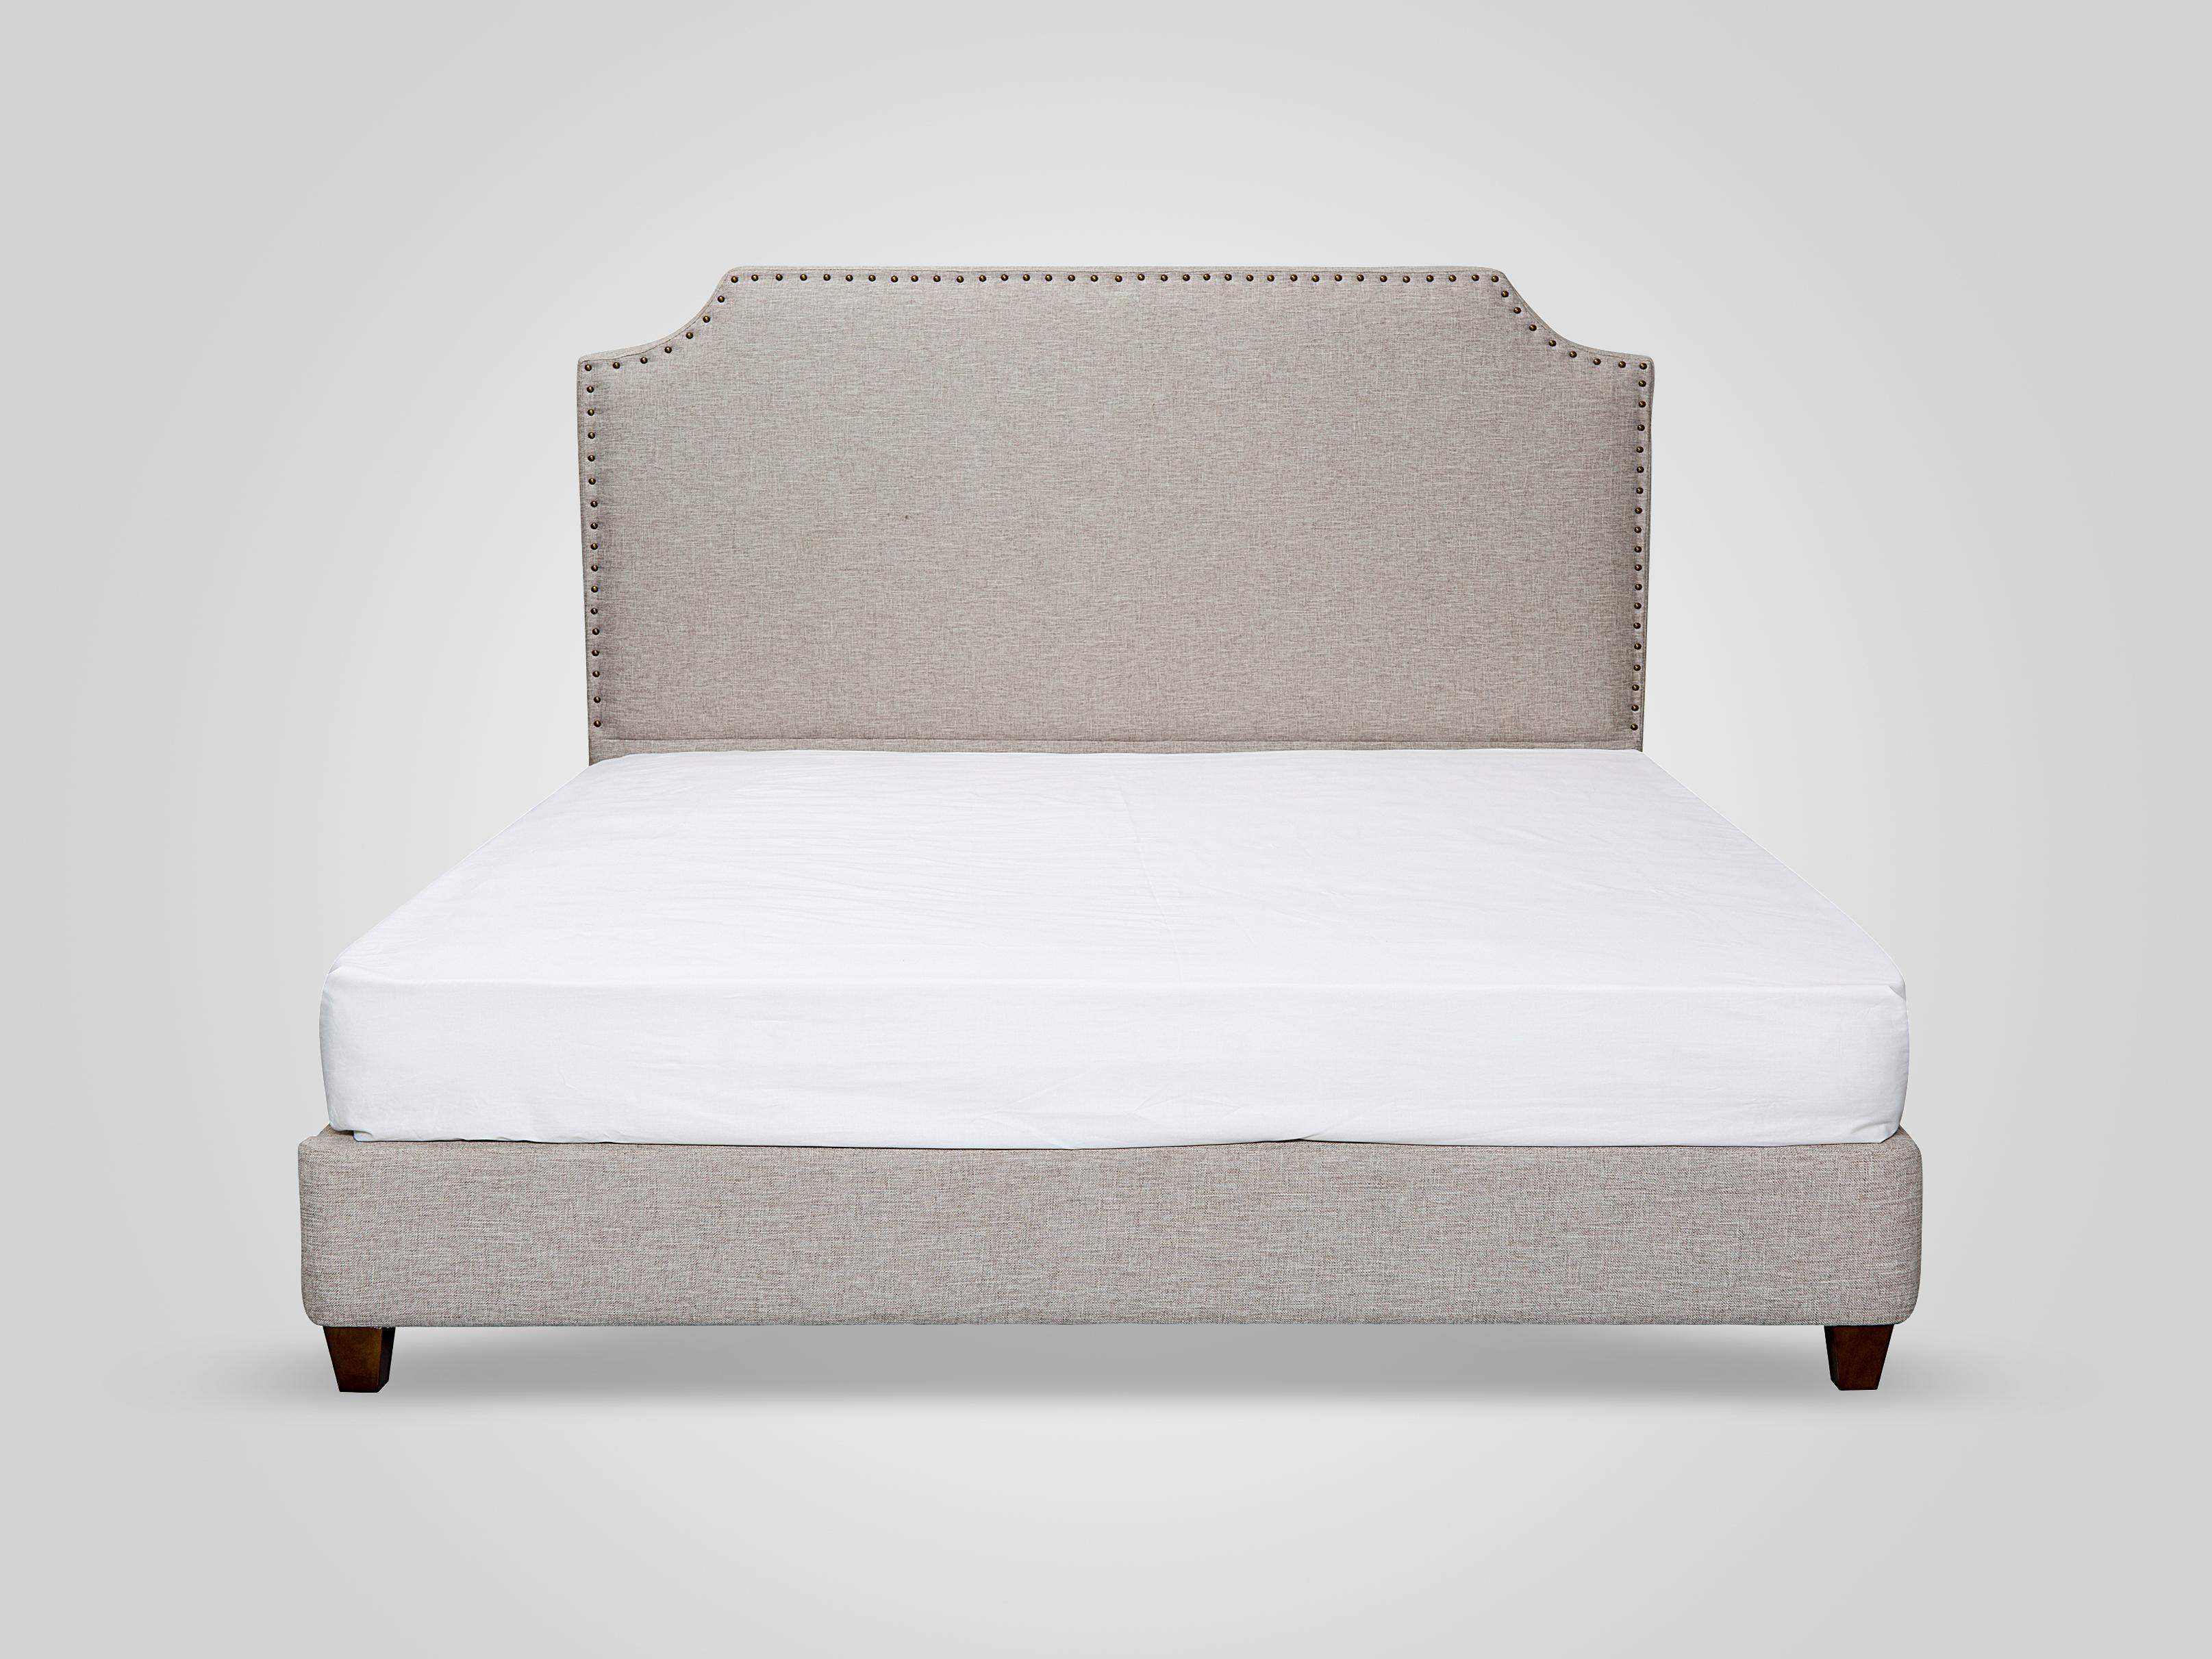 Кровать в обивке из ткани бежевого цвета 140x200